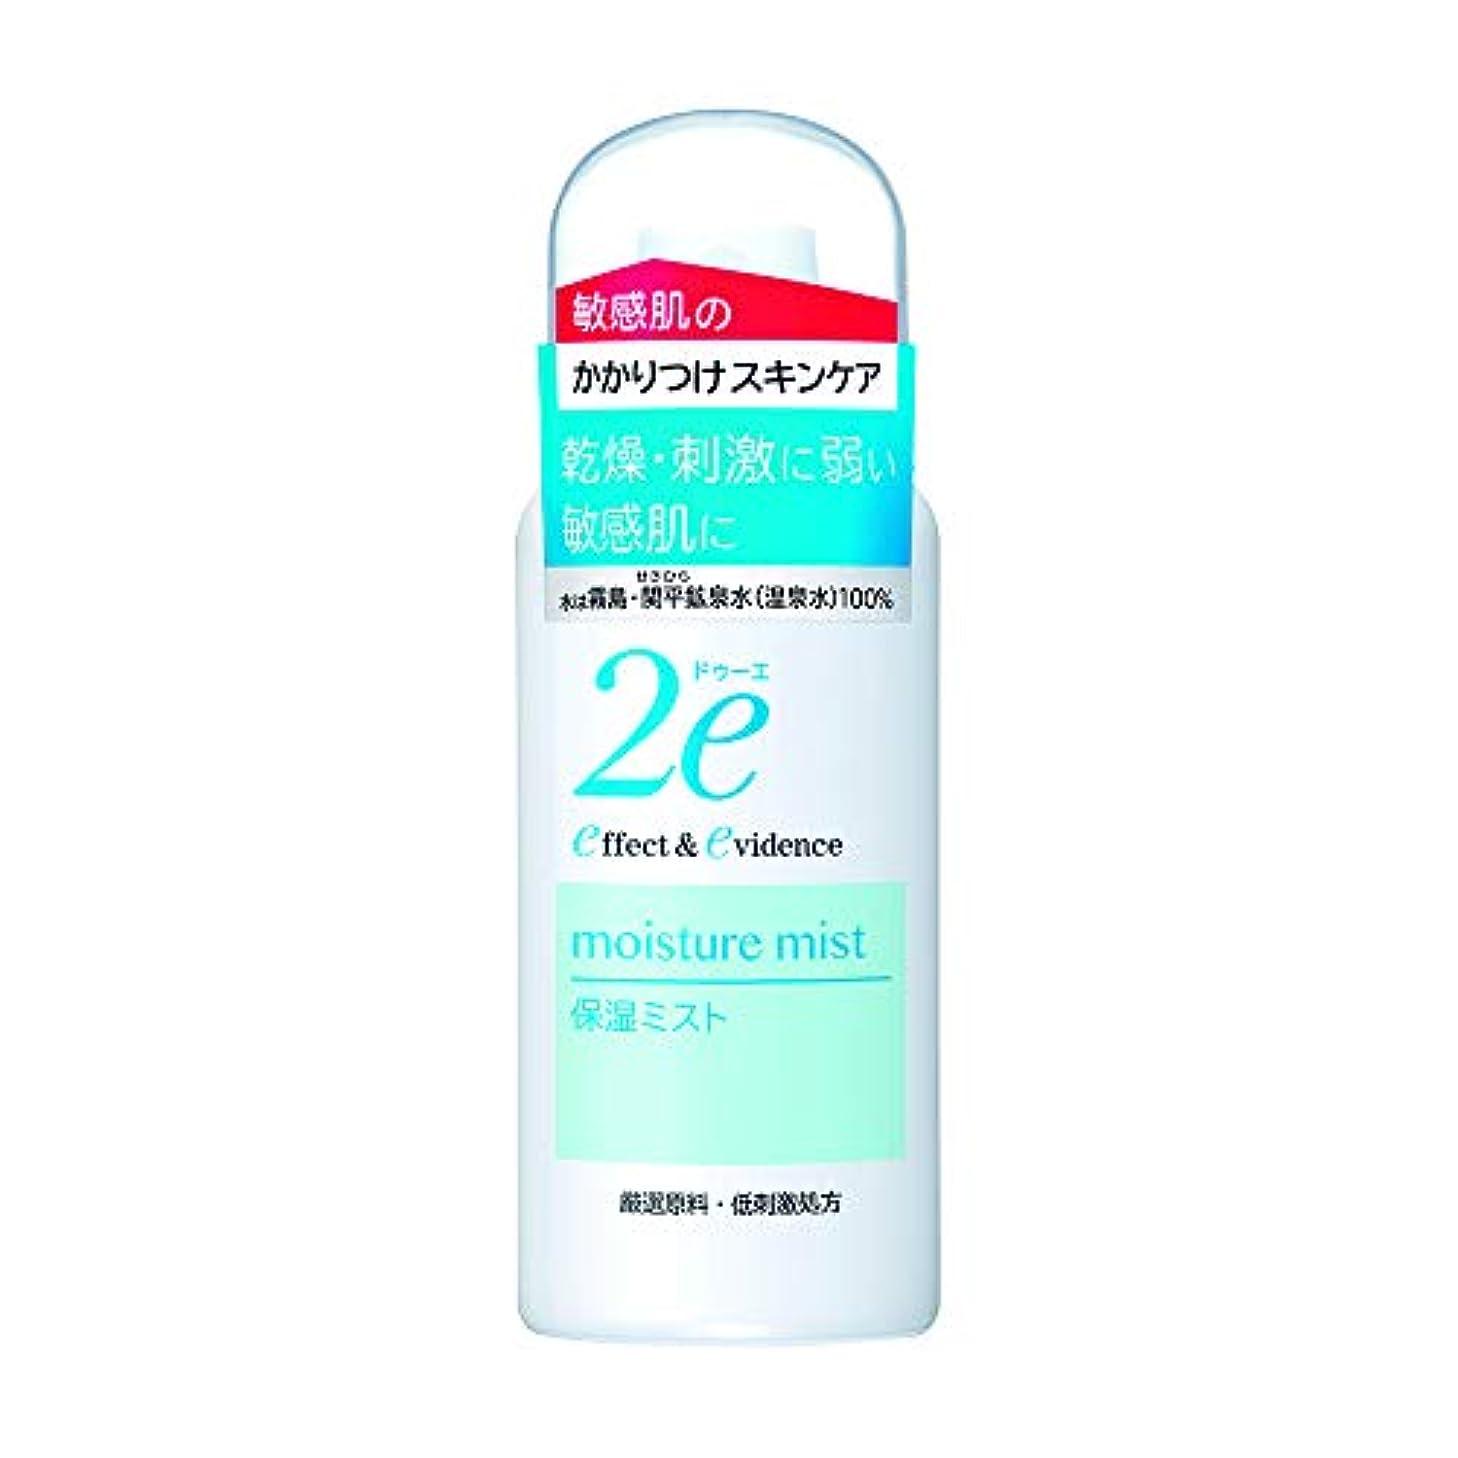 担保蒸し器聴覚障害者2e(ドゥーエ) 保湿ミスト 携帯用 敏感肌用化粧水 スプレータイプ 低刺激処方 50g